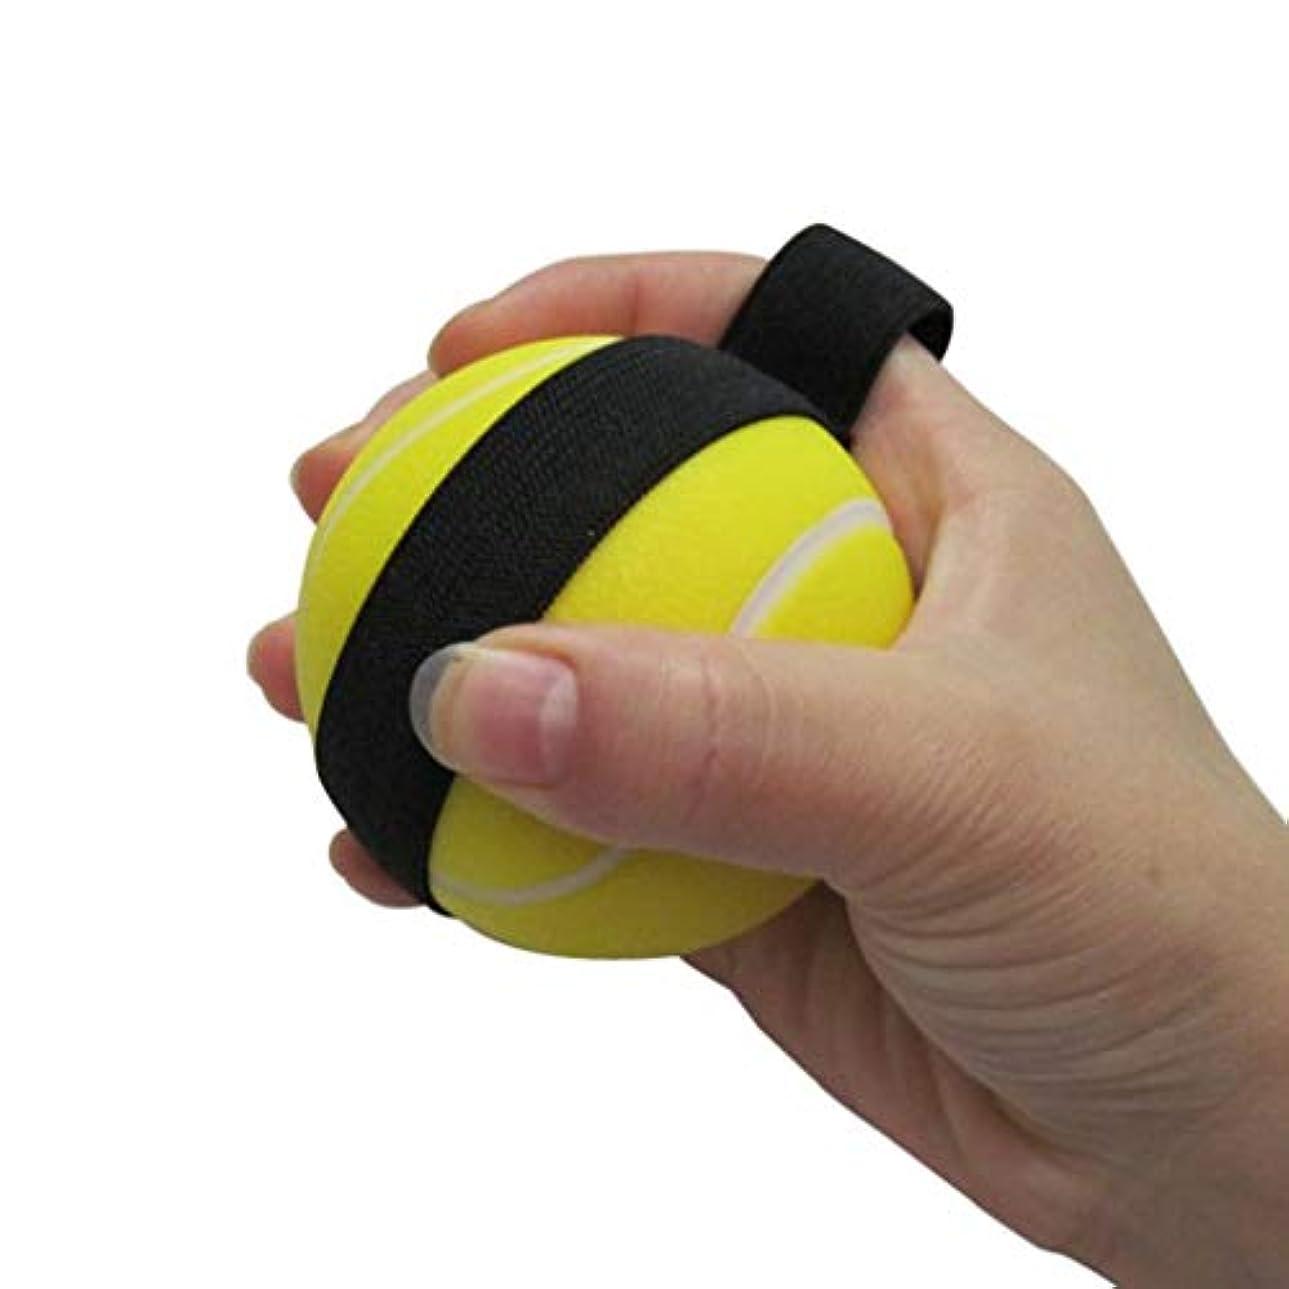 農学反対に所持リハビリテーショングリップボールストローク片麻痺老人指の筋力リハビリトレーニング機器手の機能の問題群集リハビリテーションエクササイズグリップ